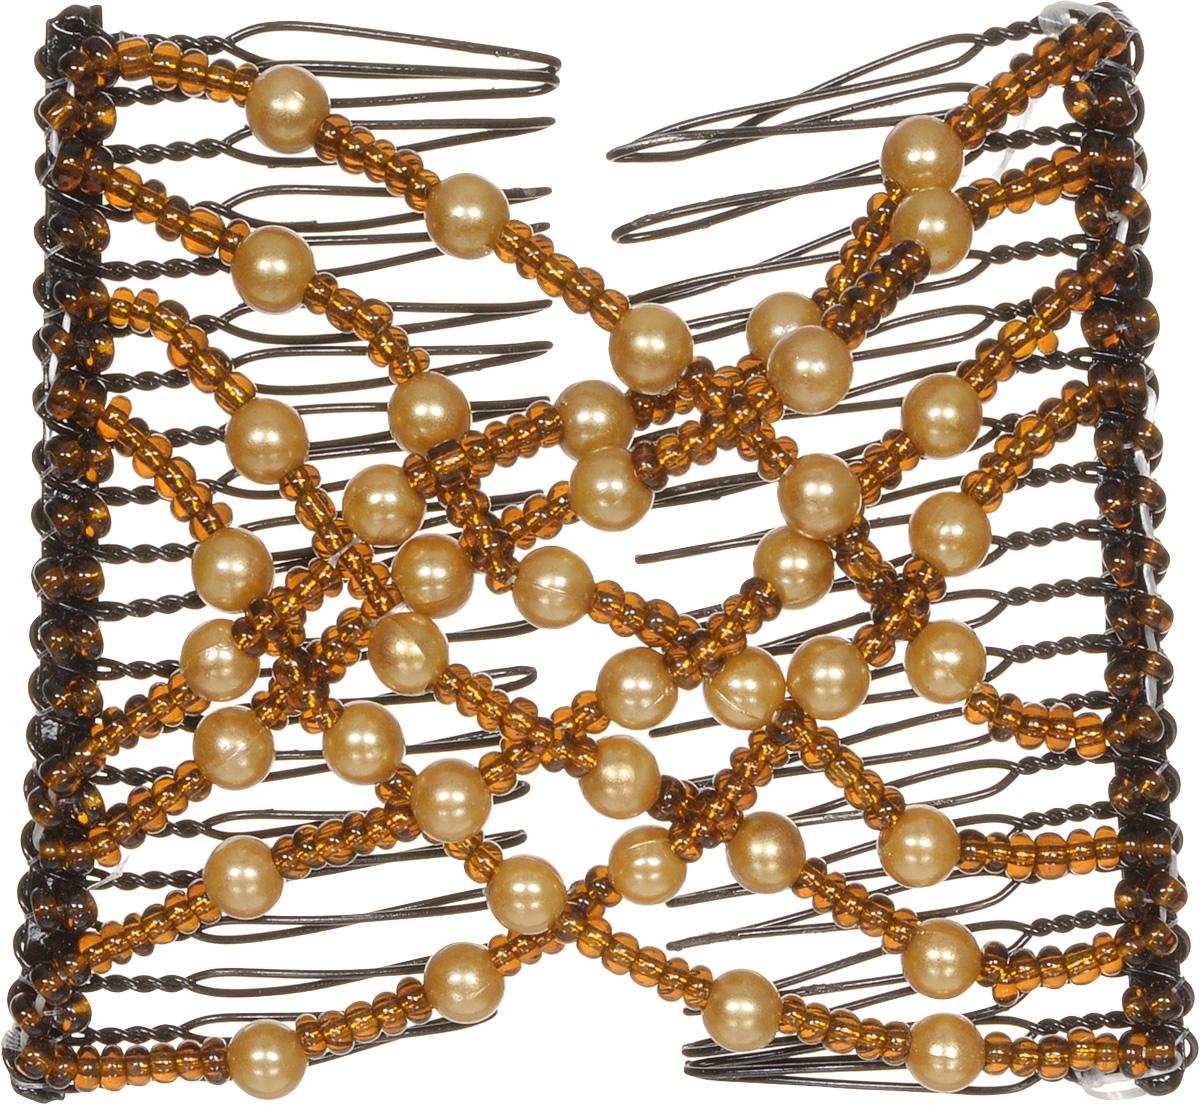 EZ-Combs Заколка Изи-Комбс, одинарная, цвет: коричневый. ЗИО_жемчугВХБкУдобная и практичная EZ-Combs подходит для любого типа волос: тонких, жестких, вьющихся или прямых, и не наносит им никакого вреда. Заколка не мешает движениям головы и не создает дискомфорта, когда вы отдыхаете или управляете автомобилем. Каждый гребень имеет по 20 зубьев для надежной фиксации заколки на волосах! И даже во время бега и интенсивных тренировок в спортзале EZ-Combs не падает; она прочно фиксирует прическу, сохраняя укладку в первозданном виде.Небольшая и легкая заколка для волос EZ-Combs поместится в любой дамской сумочке, позволяя быстро и без особых усилий создавать неповторимые прически там, где вам это удобно. Гребень прекрасно сочетается с любой одеждой: будь это классический или спортивный стиль, завершая гармоничный облик современной леди. И неважно, какой образ жизни вы ведете, если у вас есть EZ-Combs, вы всегда будете выглядеть потрясающе.